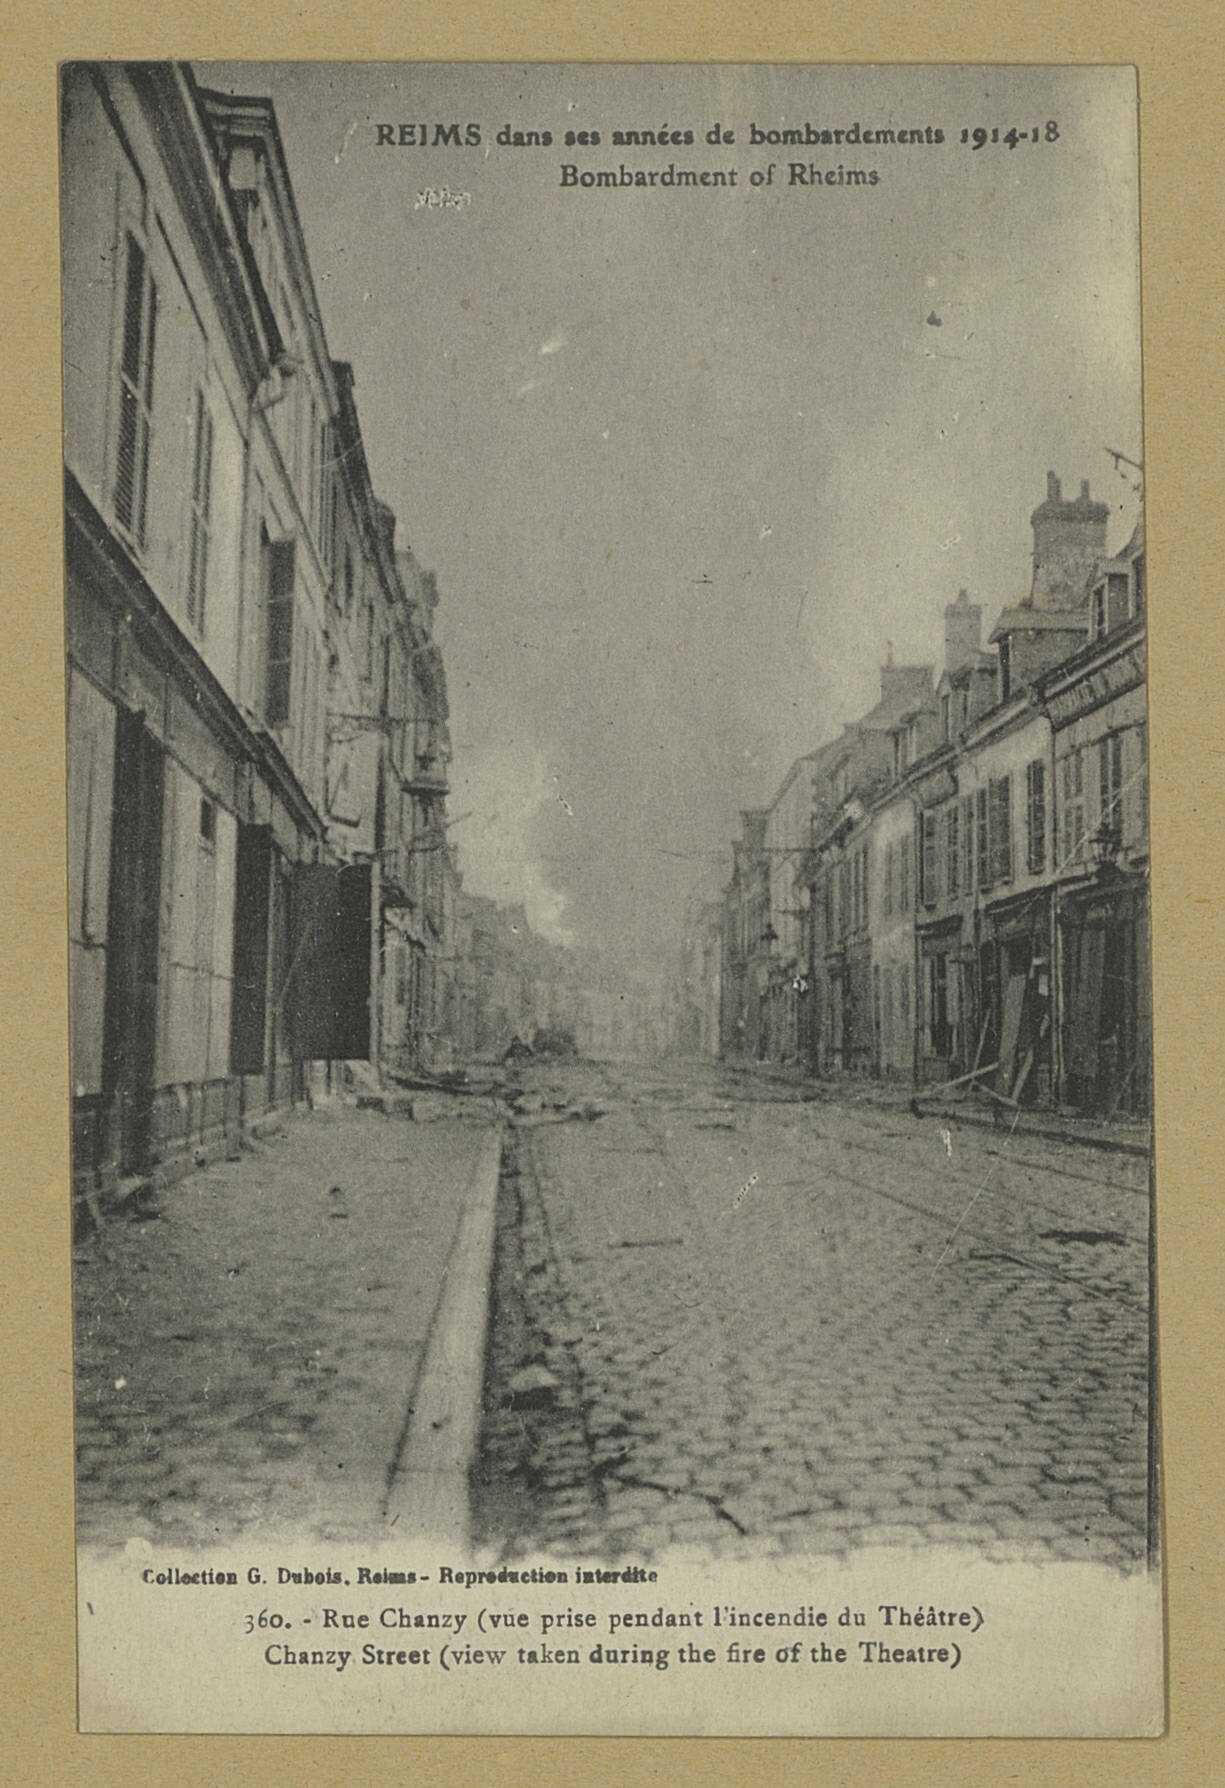 REIMS. Reims dans ses années de bombardements 1914-18. 360. Rue Chanzy (vue prise pendant l'incendie du Théâtre). Collection G. Dubois, Reims